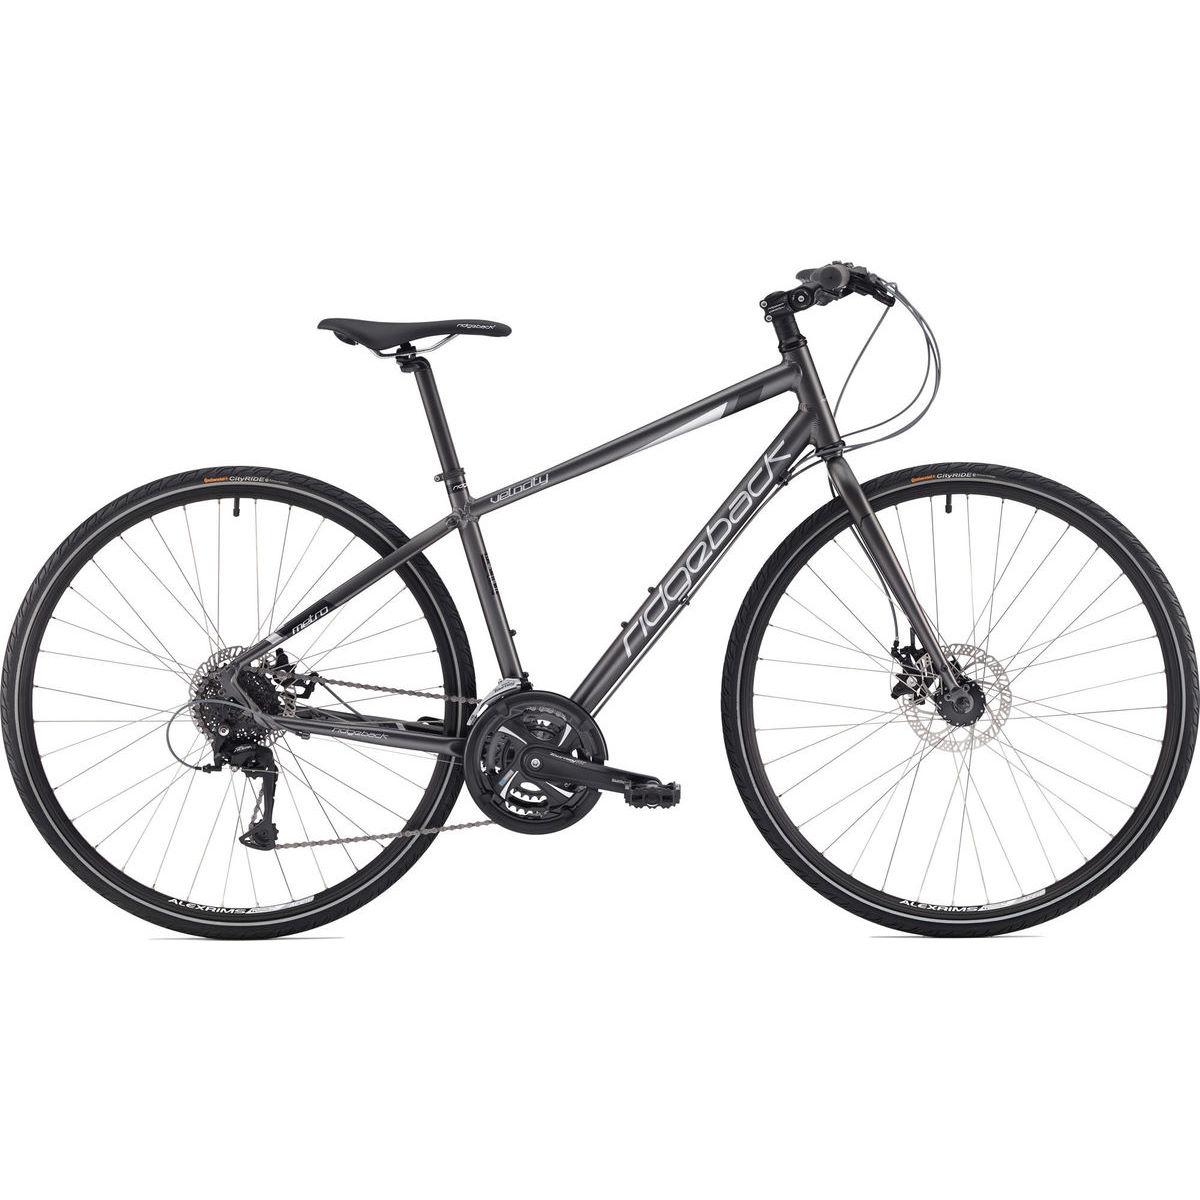 Ridgeback Velocity 2018 Bikes